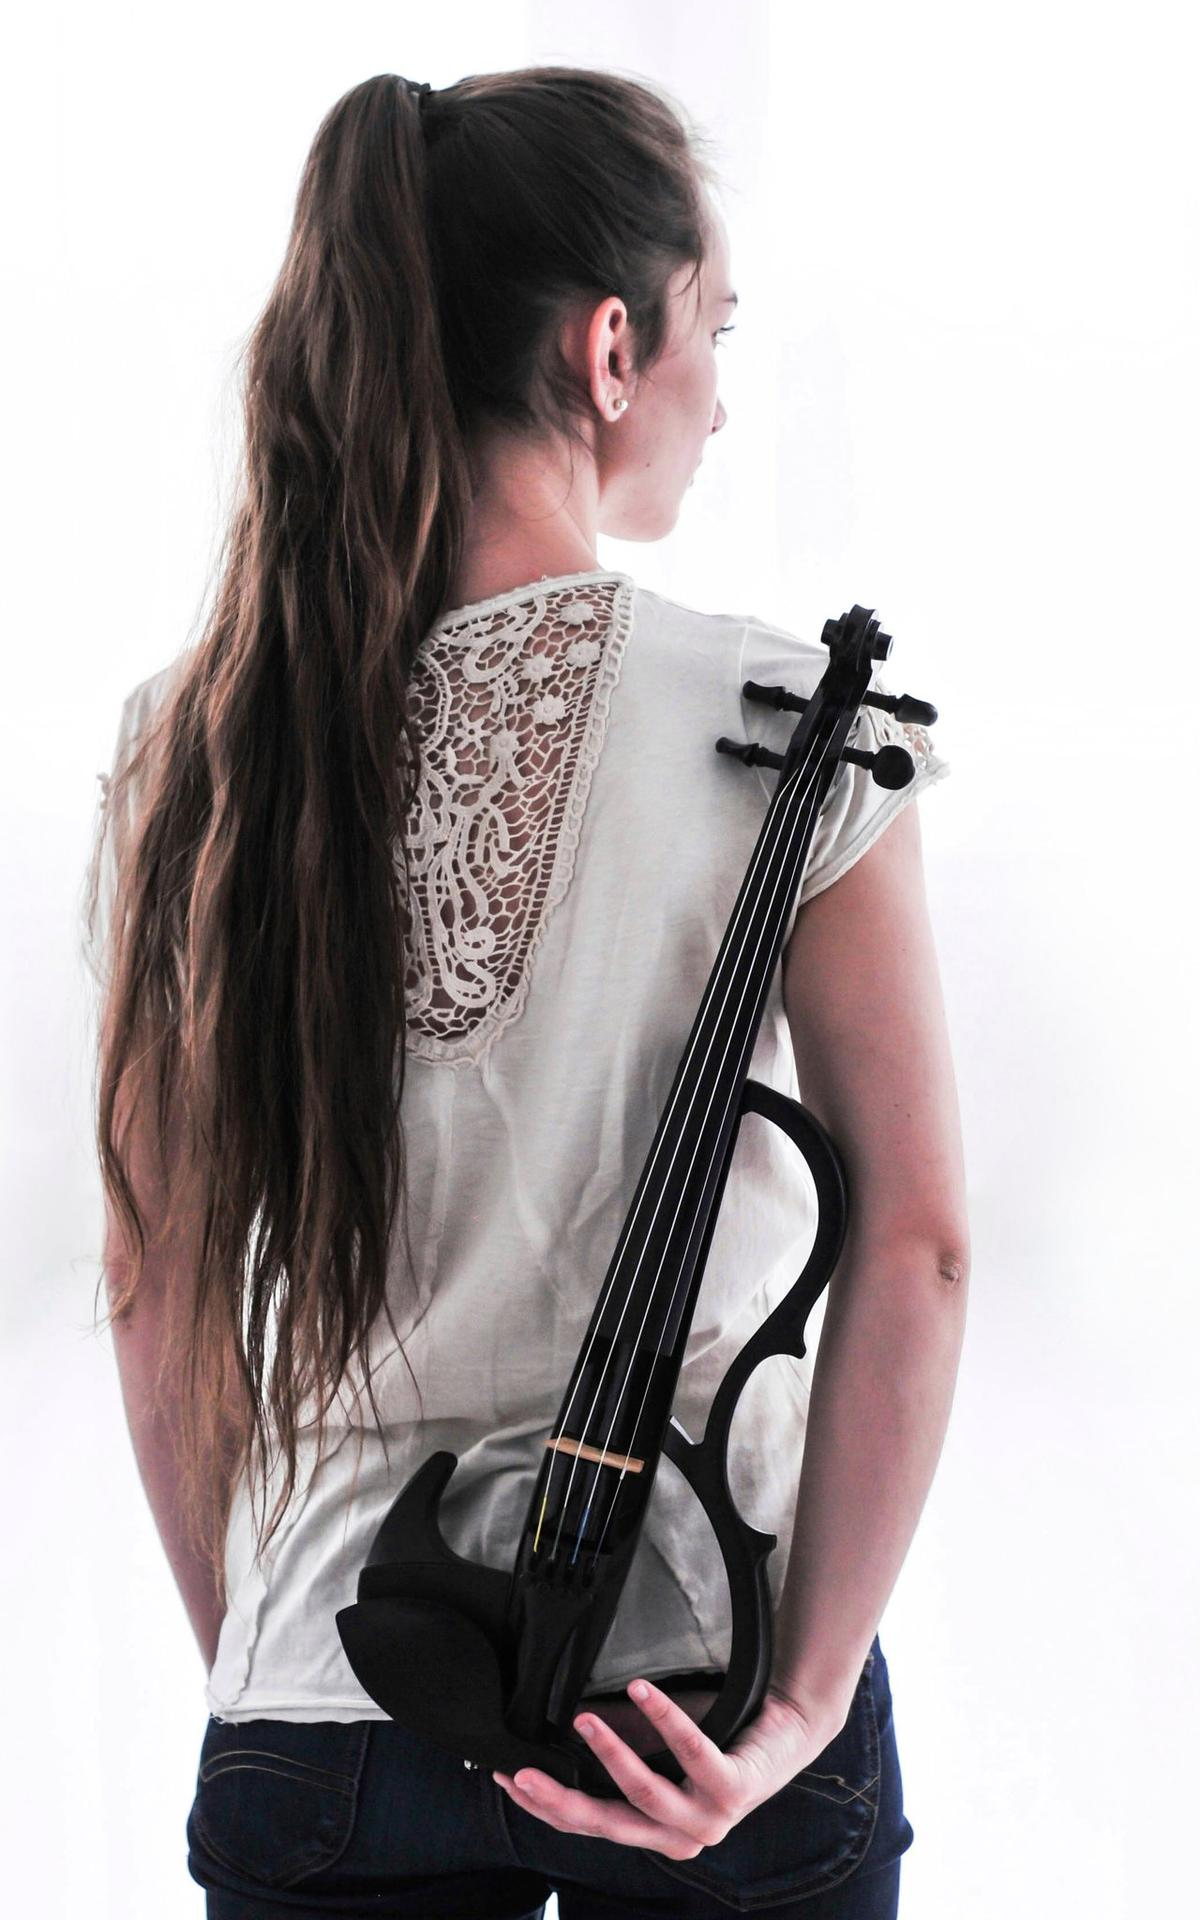 Die junge Musikerin aus Salzburg hofft, von der Musik eines Tages leben zu können.